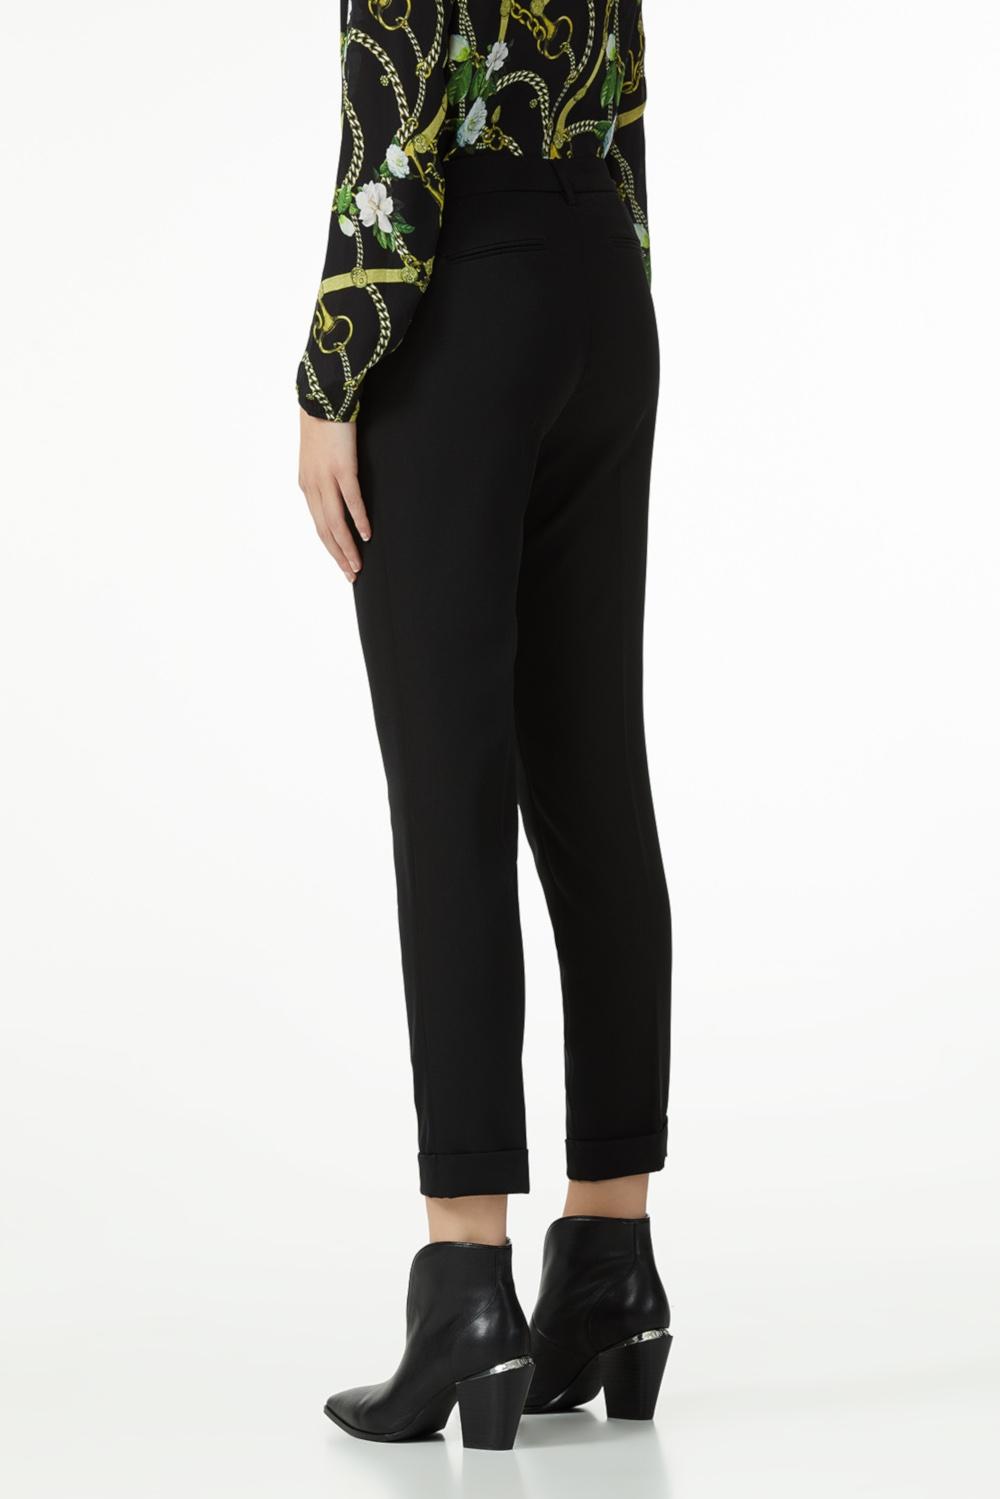 Women Sequin See Thu Two-Piece Set Front Zipper Long Sleeve Crop Top+Skirt #S2